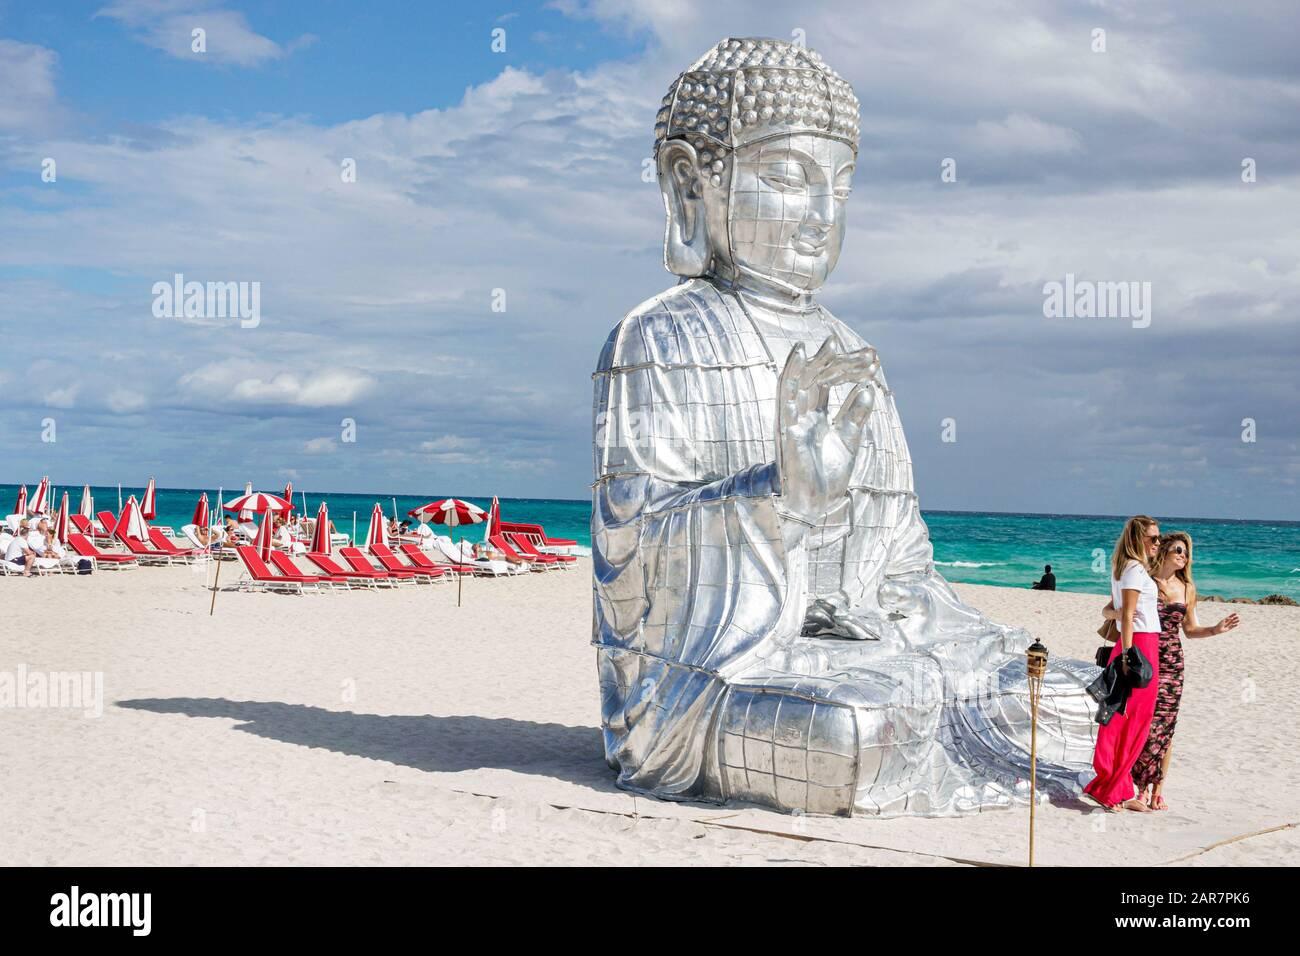 Miami Beach Florida,Océan Atlantique,Art Basel week,Faena District,quartier culturel,Bouddha,sculpture monumentale,artiste chinois Zhang Huan,femme,pos Banque D'Images